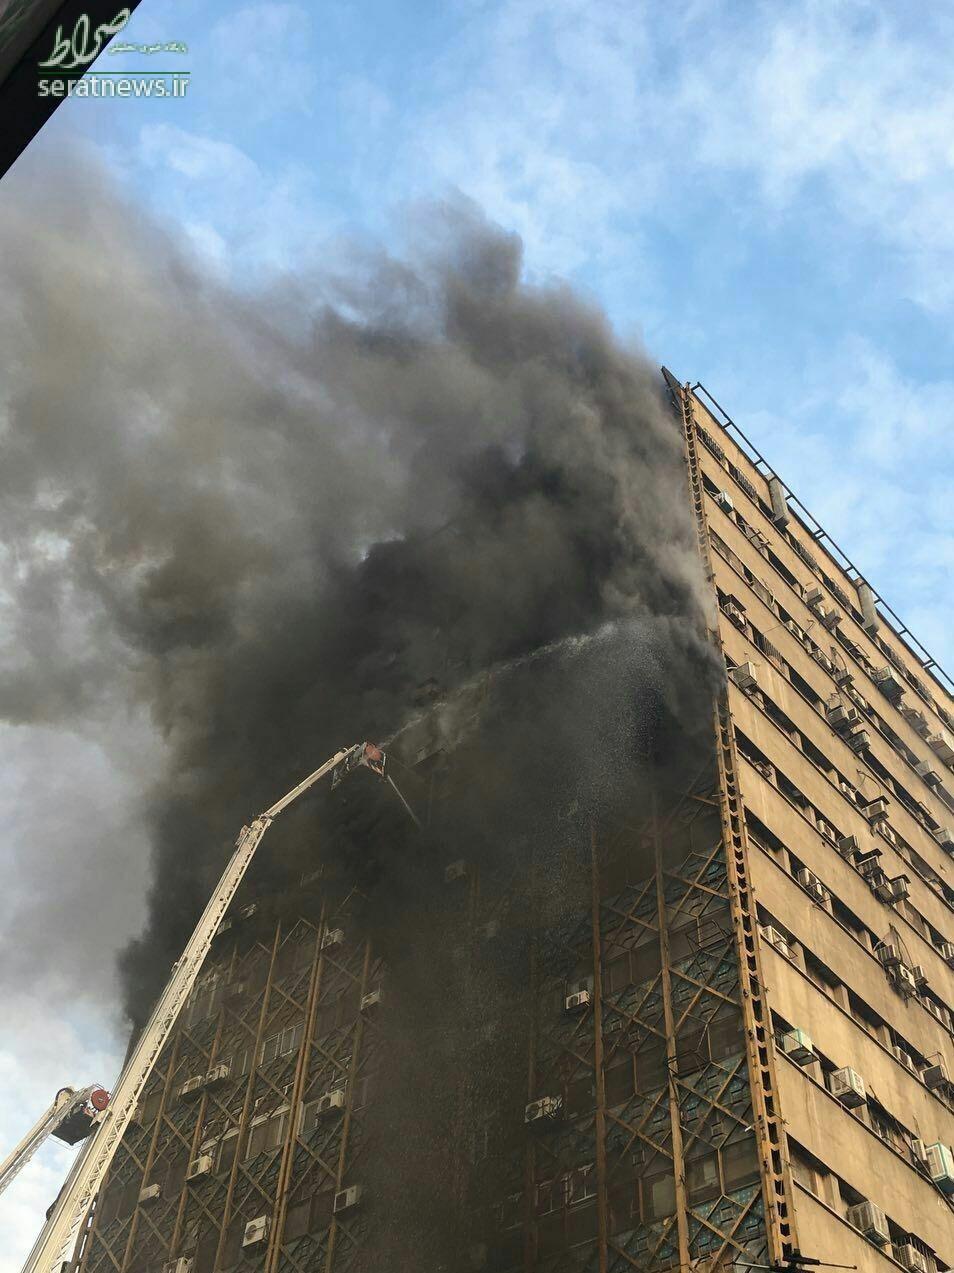 عکس/ آتش سوزی در ساختمان پلاسکو